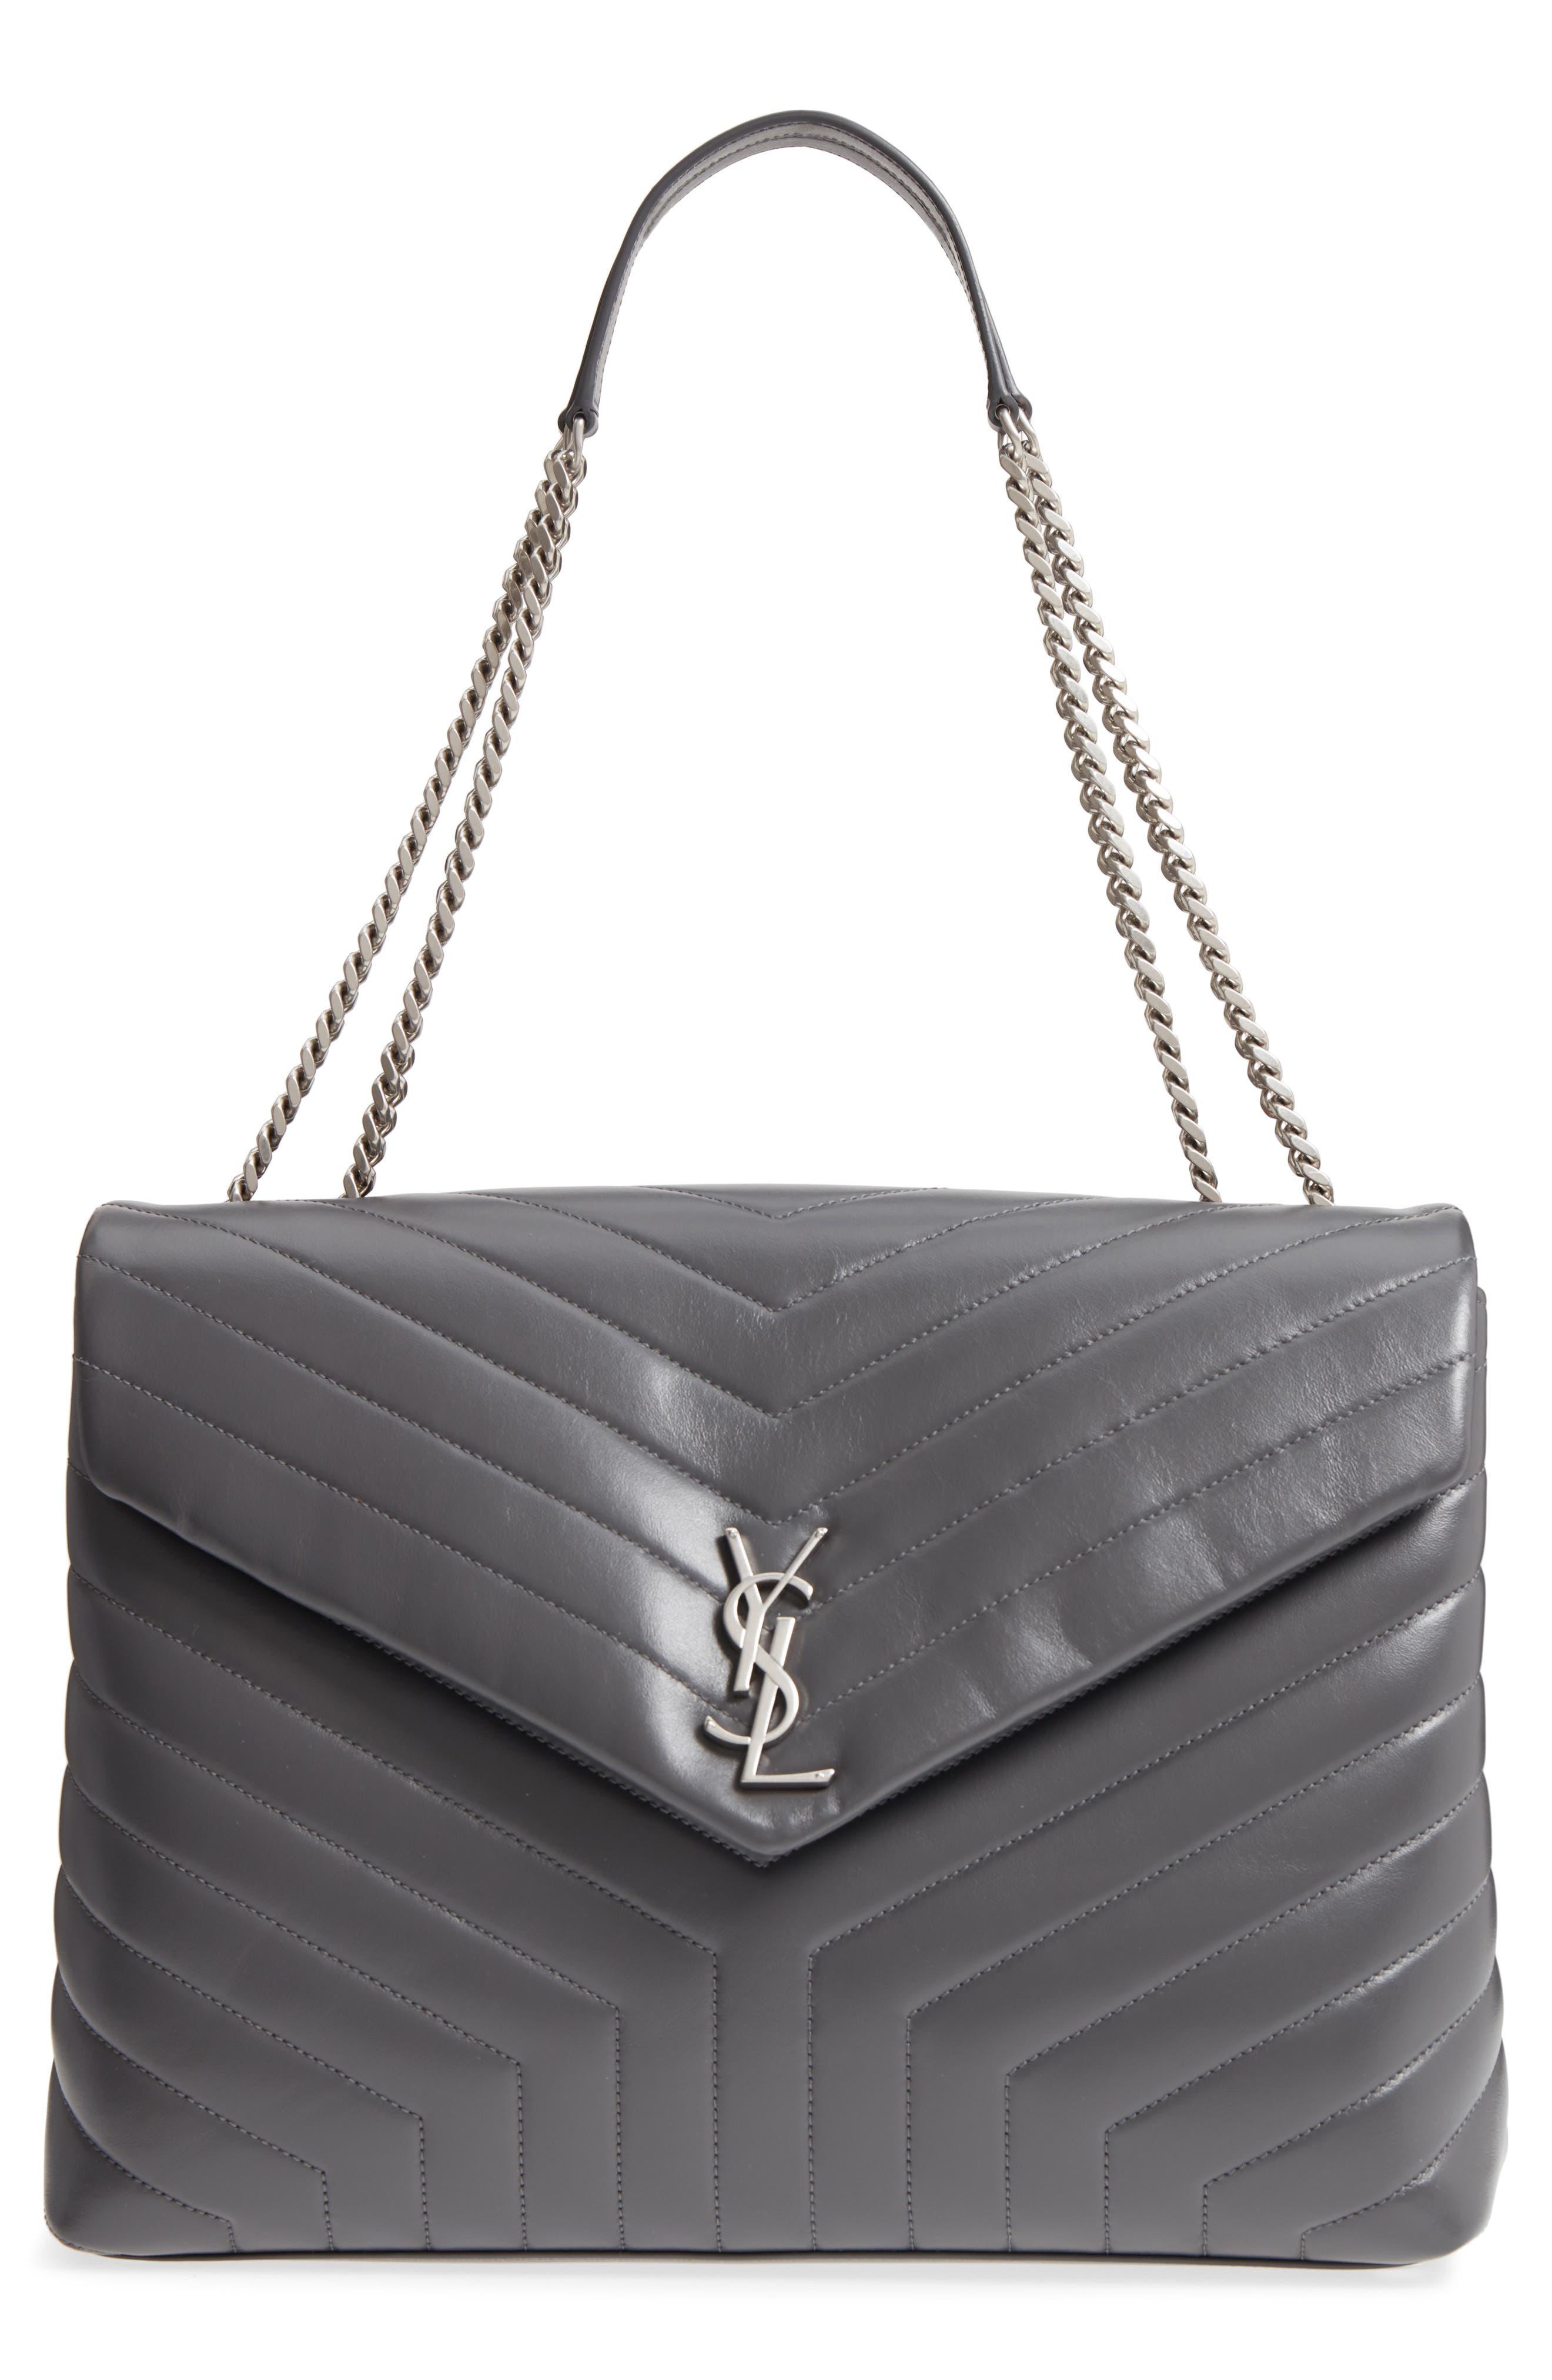 Large Loulou Matelassé Leather Shoulder Bag,                         Main,                         color, STORM/ STORM